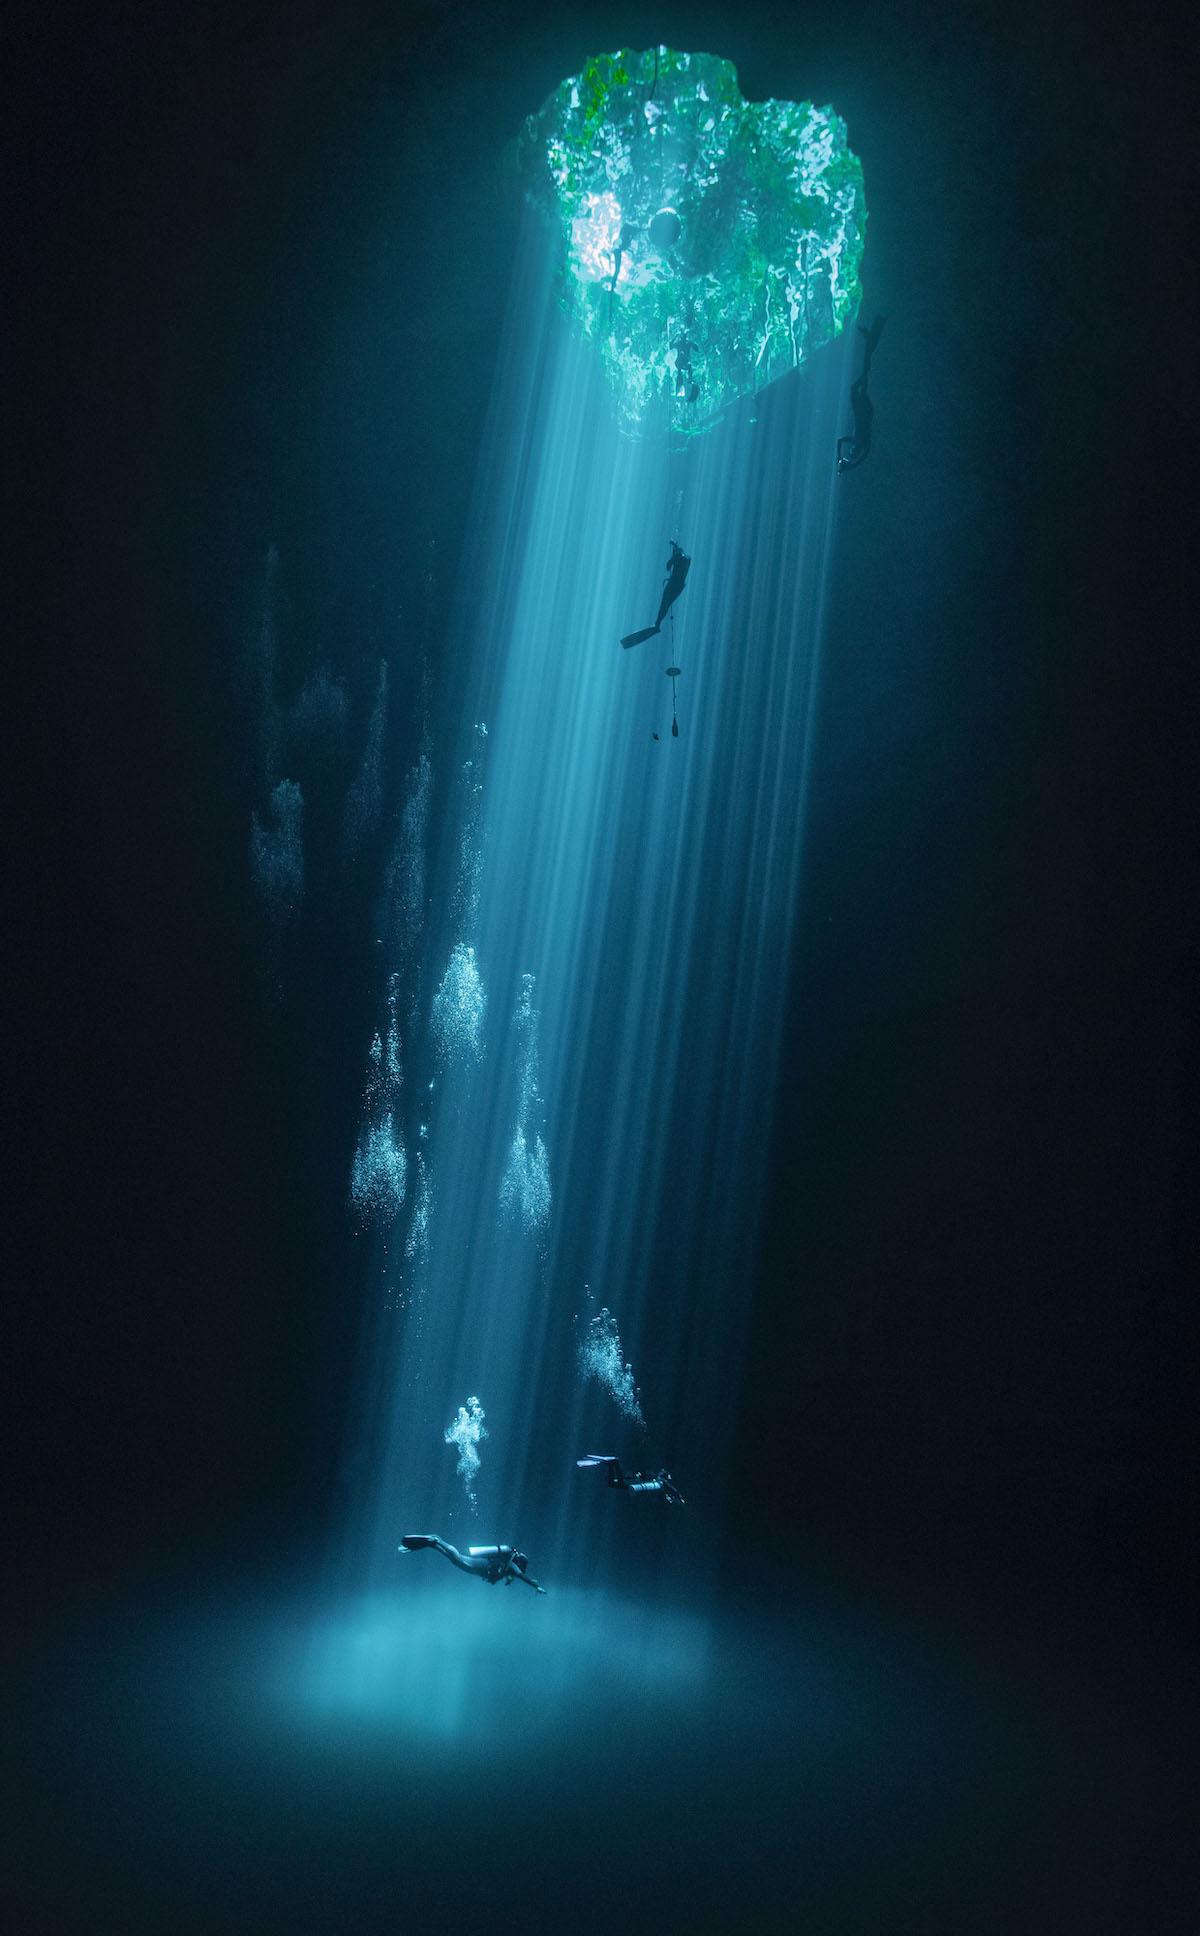 Вода, Второе Место. Фото: Джорам Меннес, Мексика